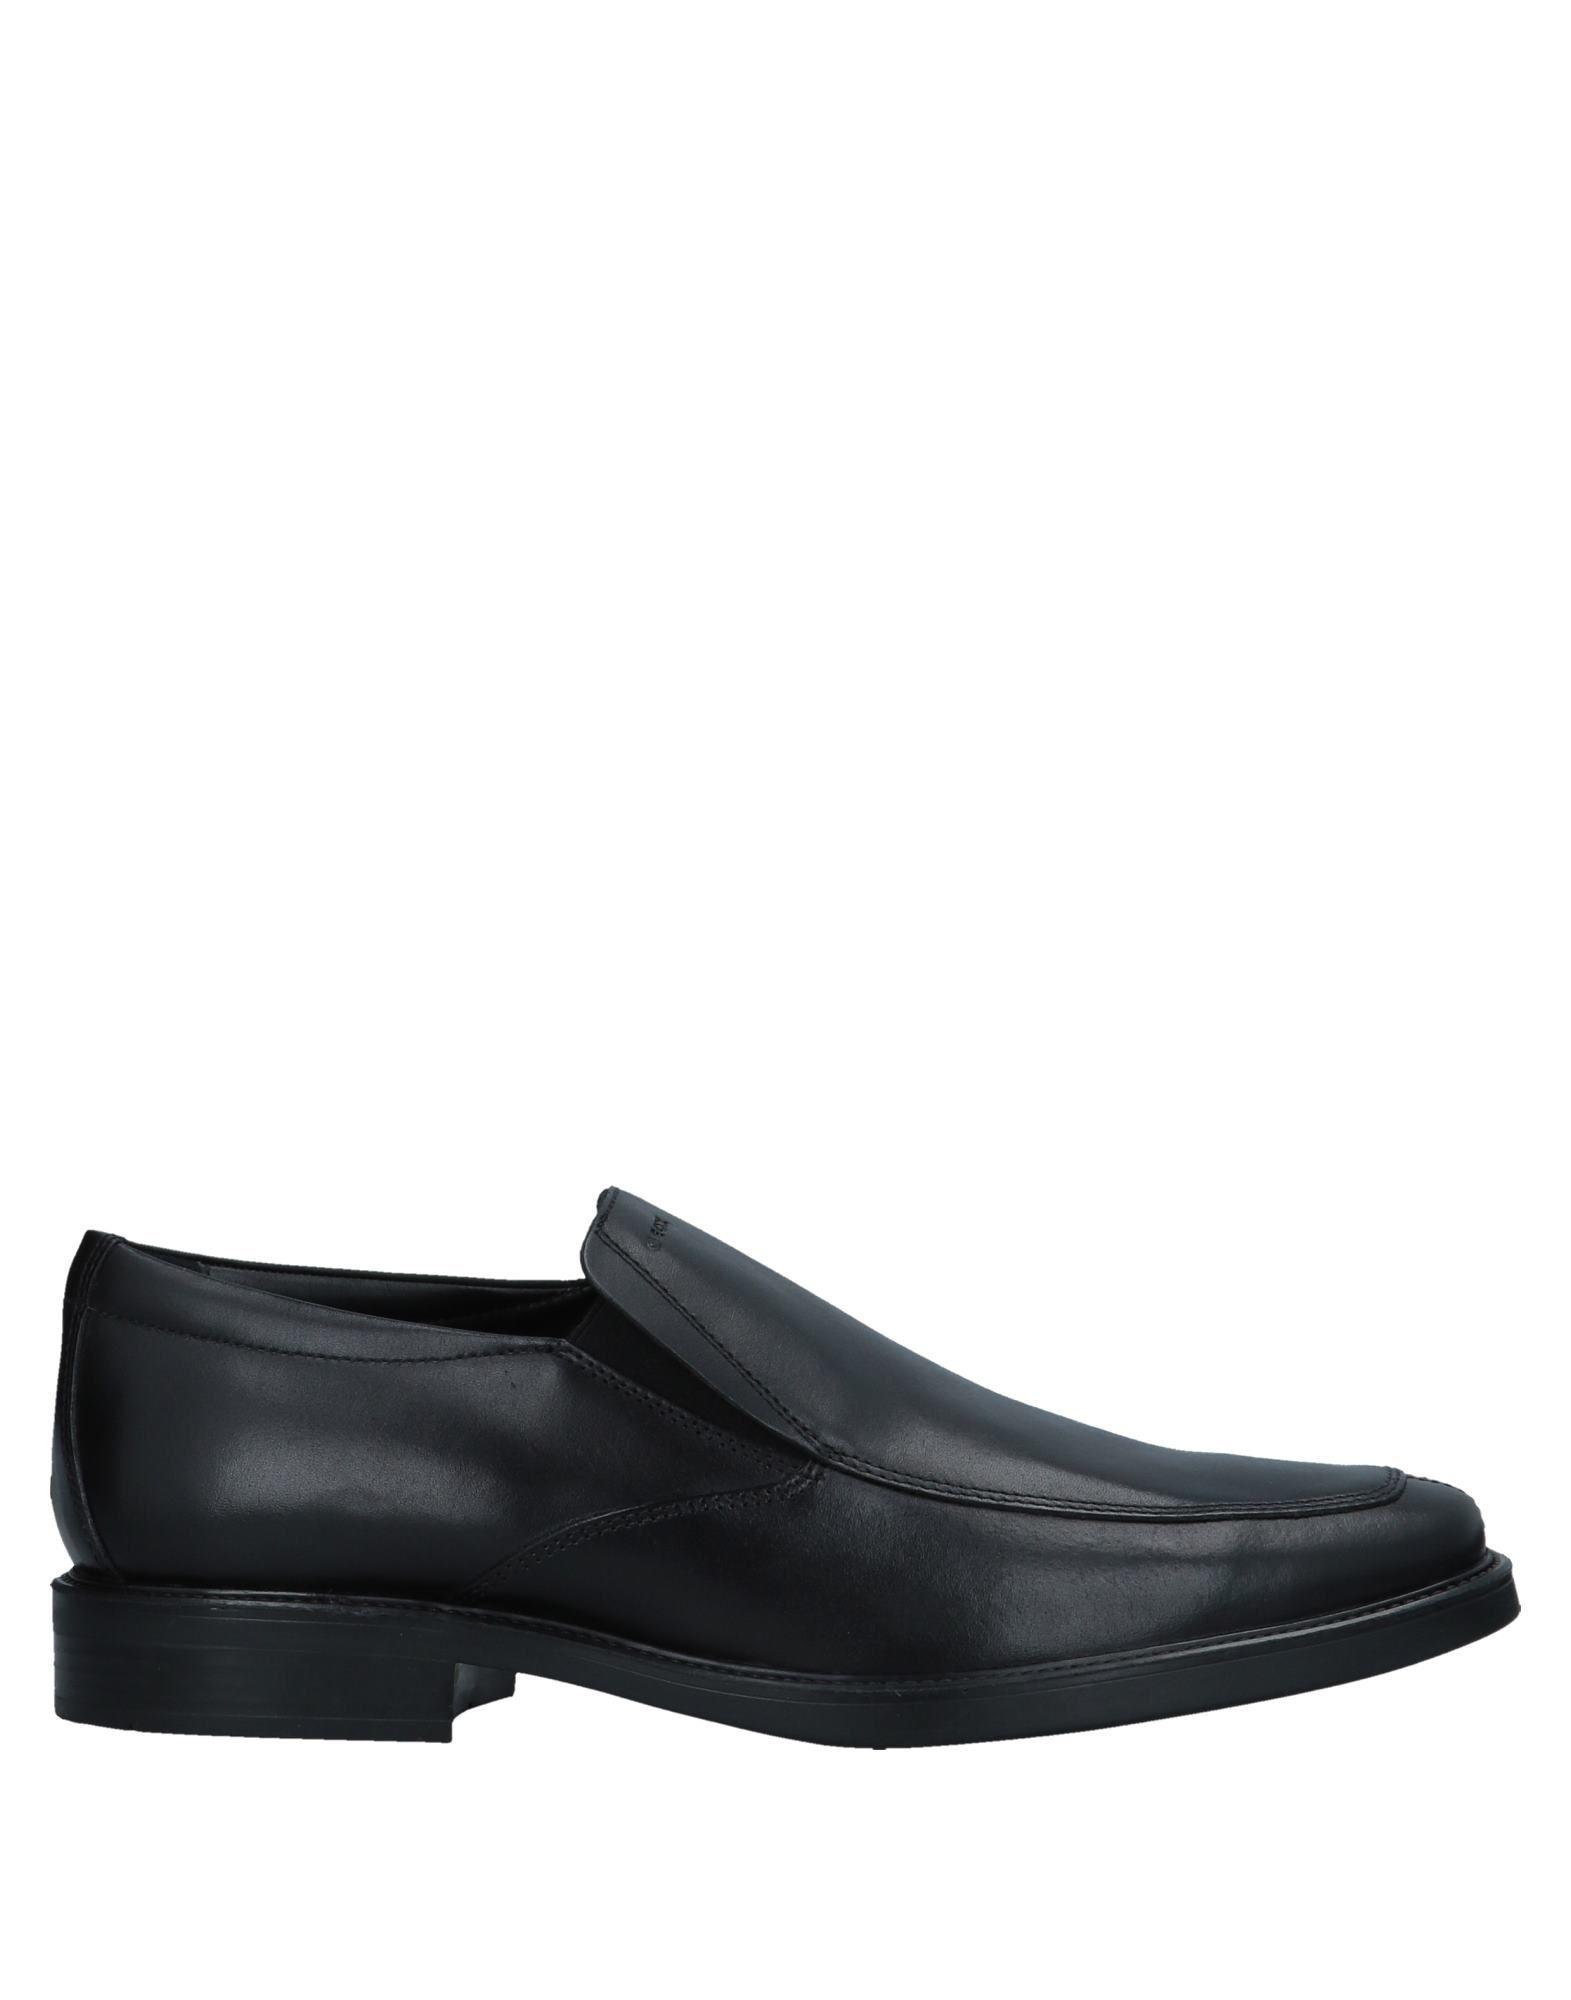 Geox  Mokassins Herren  Geox 11198452CD Heiße Schuhe 4c890b